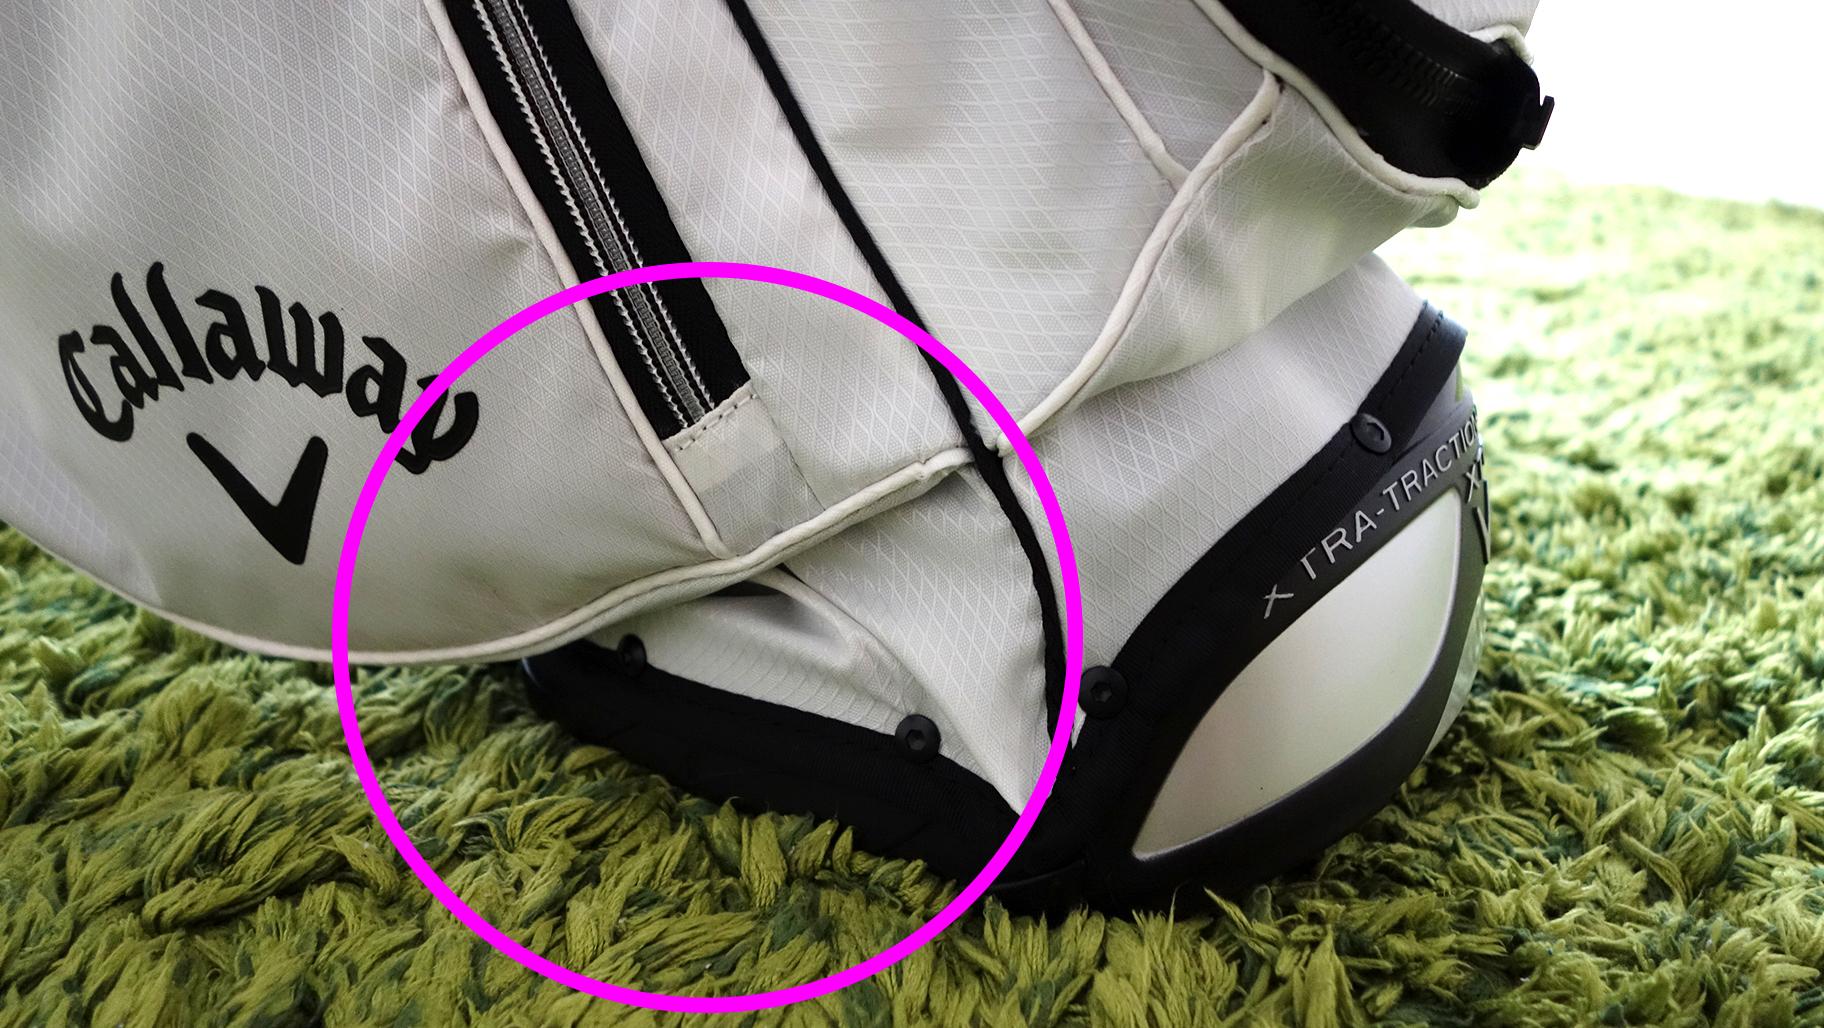 callaway evian masters model 3.0 golf bag